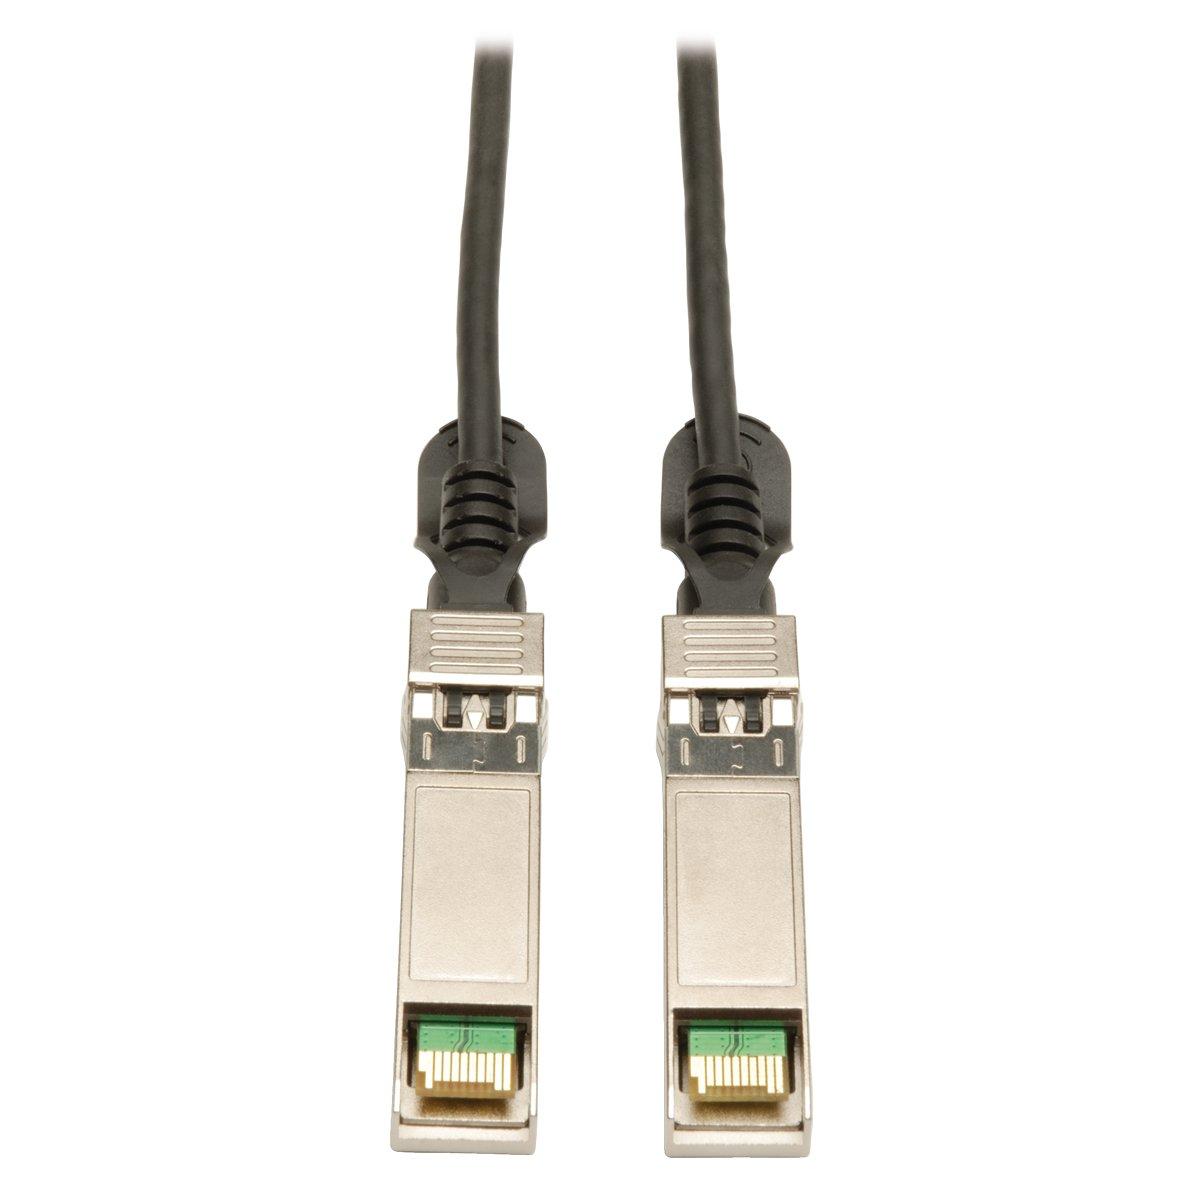 Tripp Lite SFP+ 10Gbase-CU Passive Twinax Copper Cable, Cisco Compatible SFP-H10GB-CU1M, Black 1M (3-ft.) (N280-01M-BK)